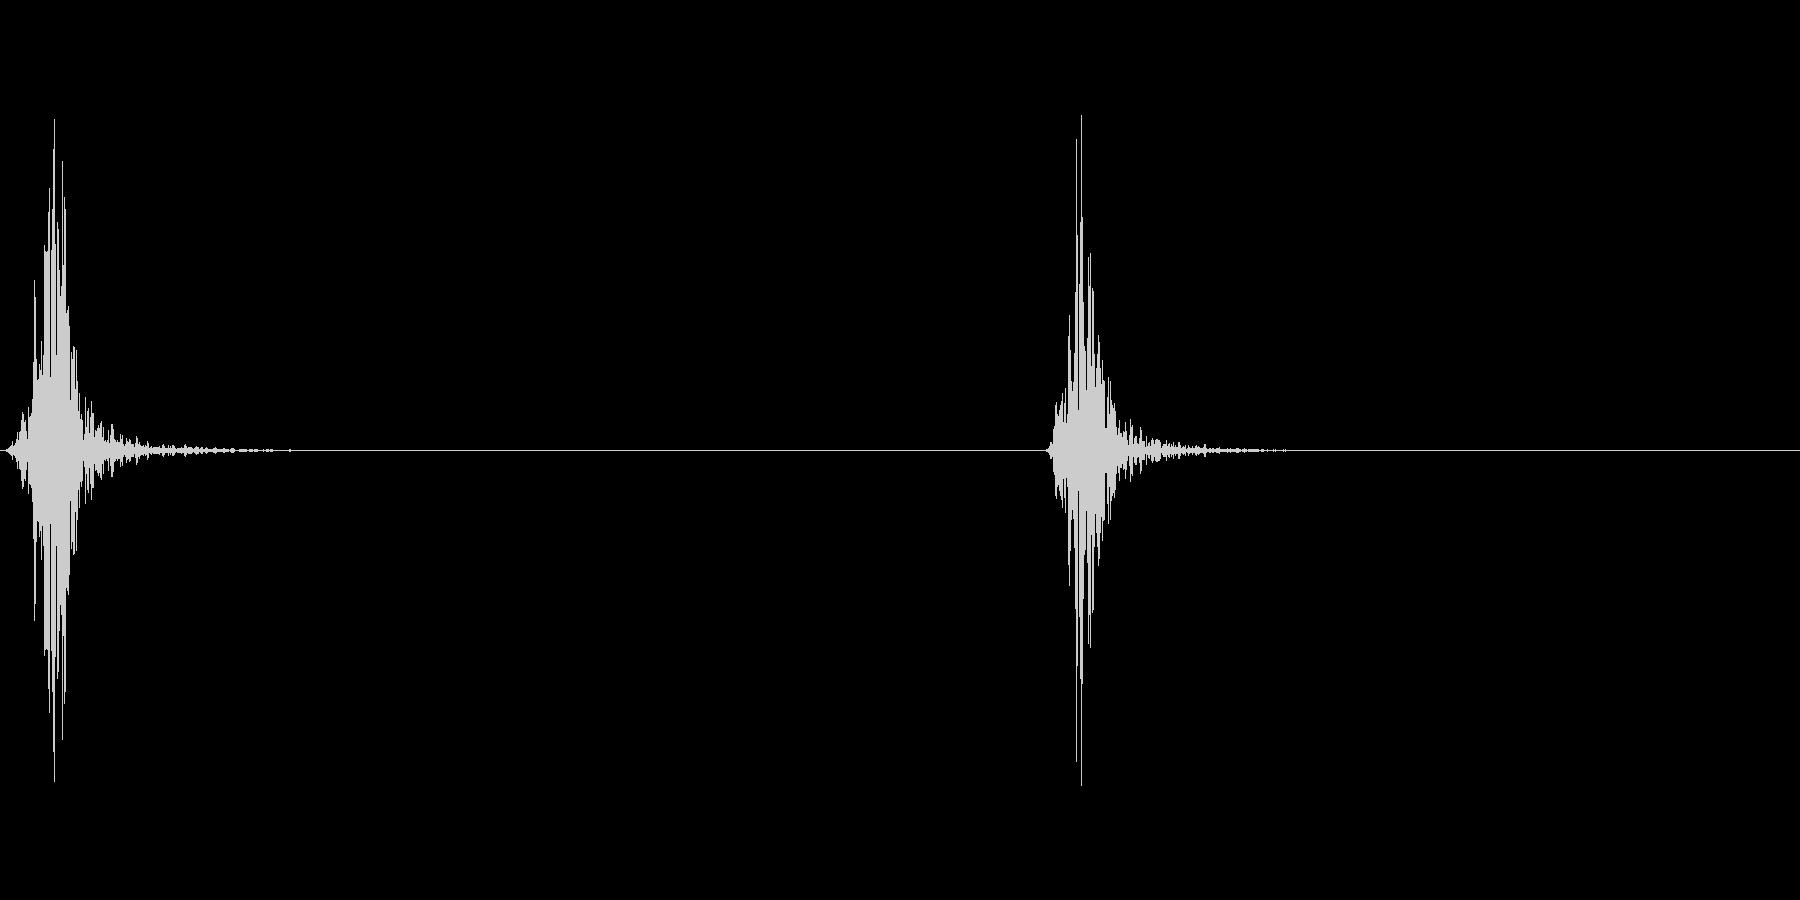 シュッシュッ(振る音、風切り音)の未再生の波形